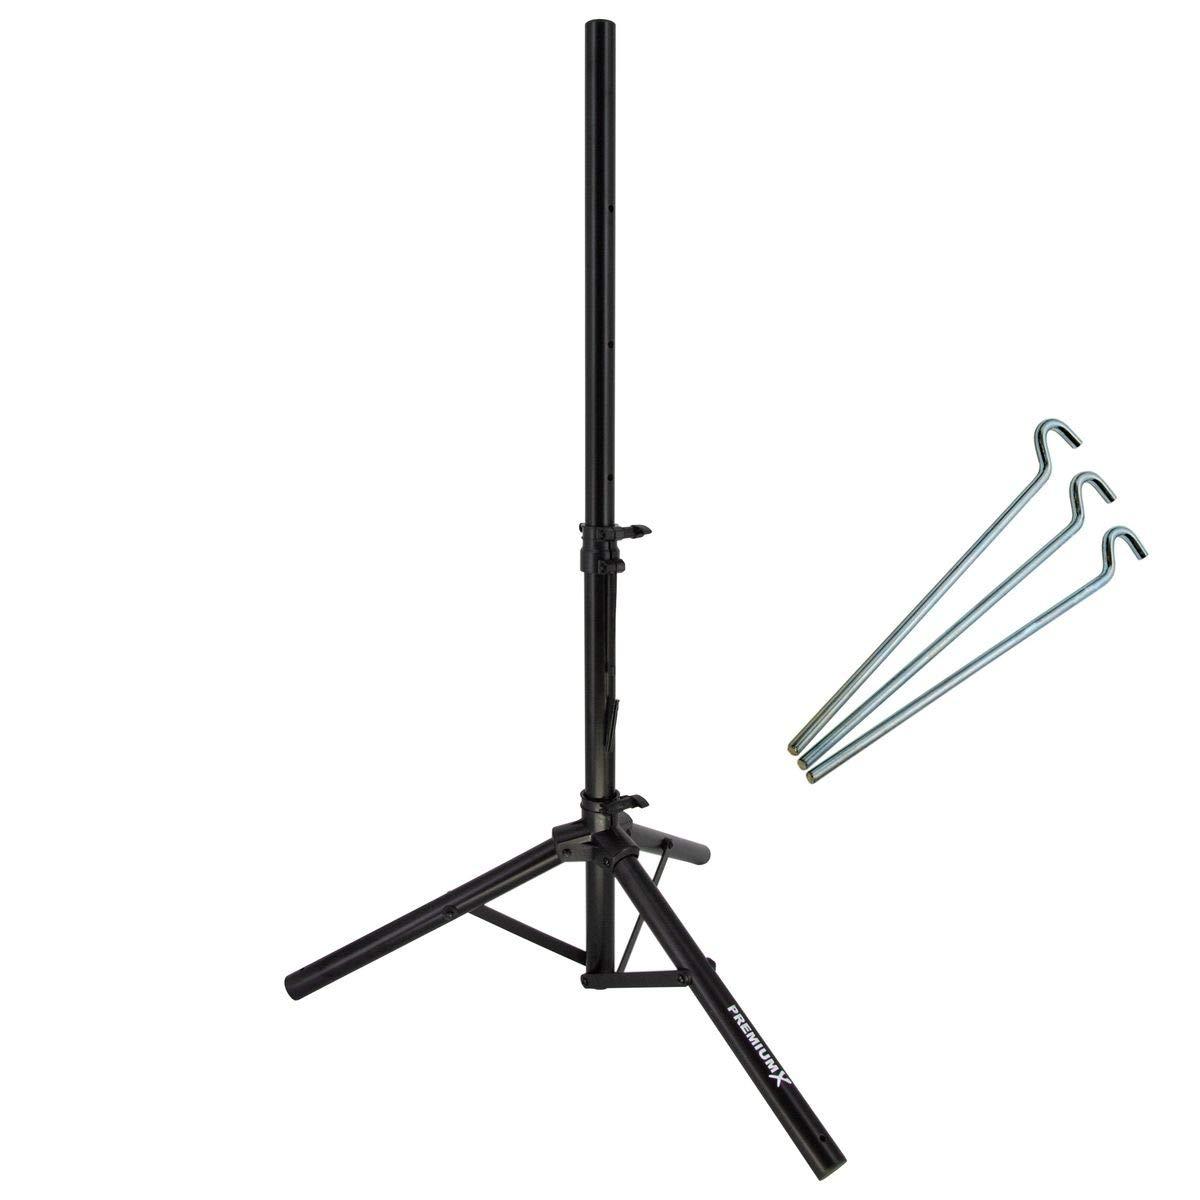 Premiumx /ø32mm para tr/ípode de acero Basic 120 cm Altura SAT soporte para antena parab/ólica de 80//85 cm atrasmalladas outwell balc/ón TR iPod en colour negro